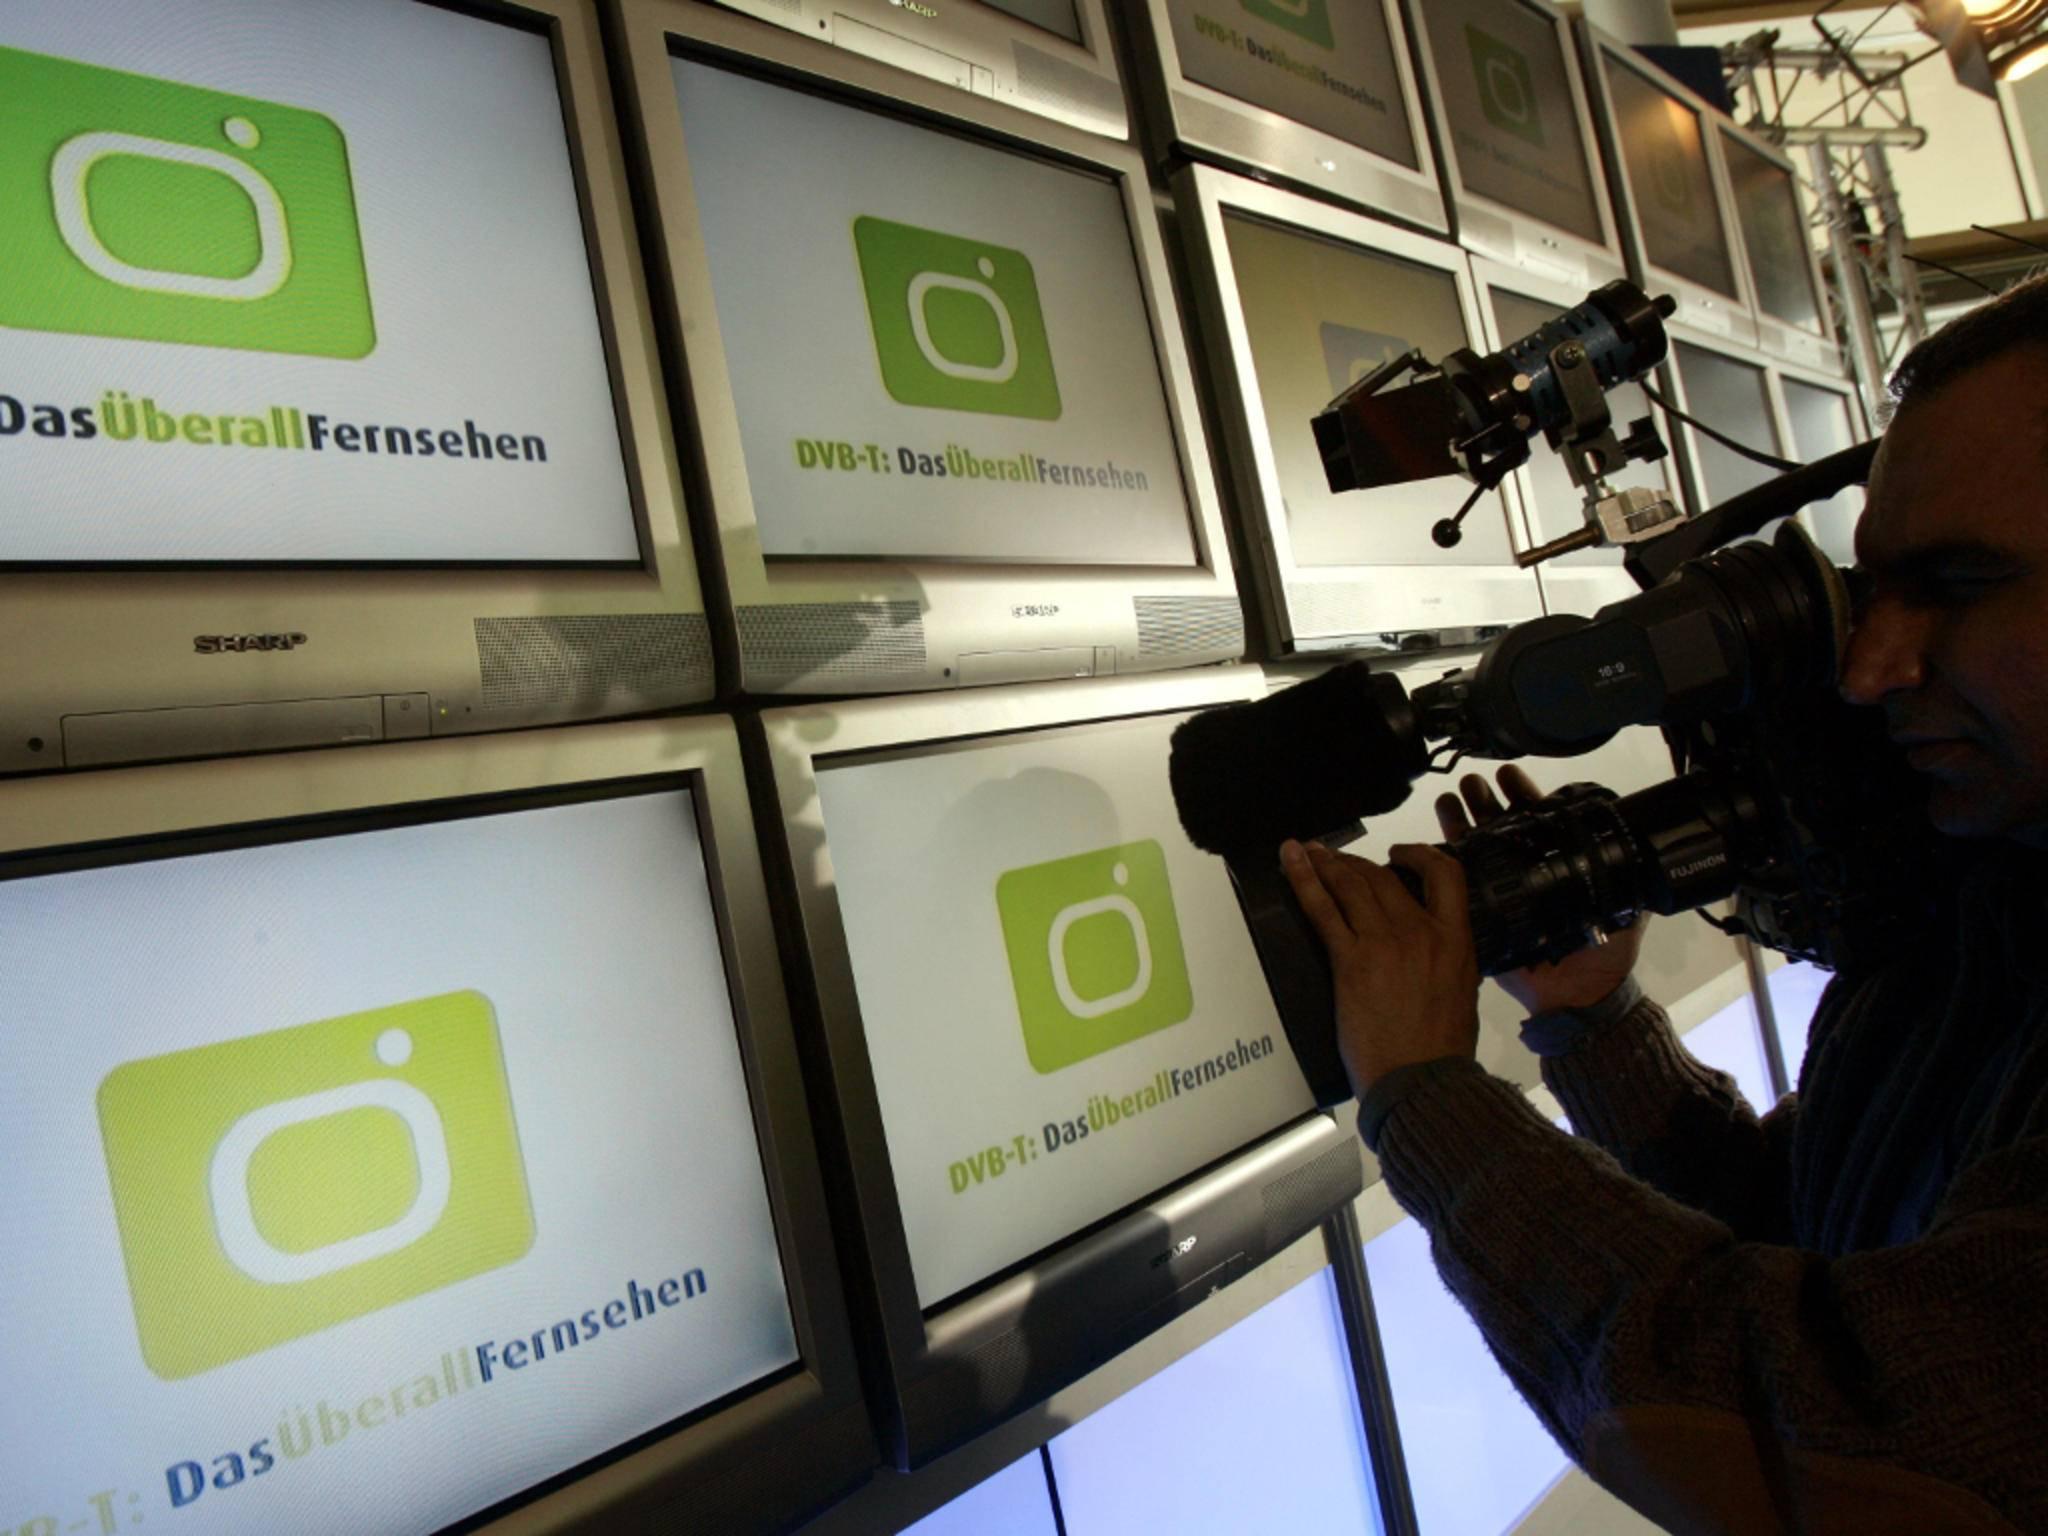 DVB-T wird 2017 von einem neuen Standard abgelöst.